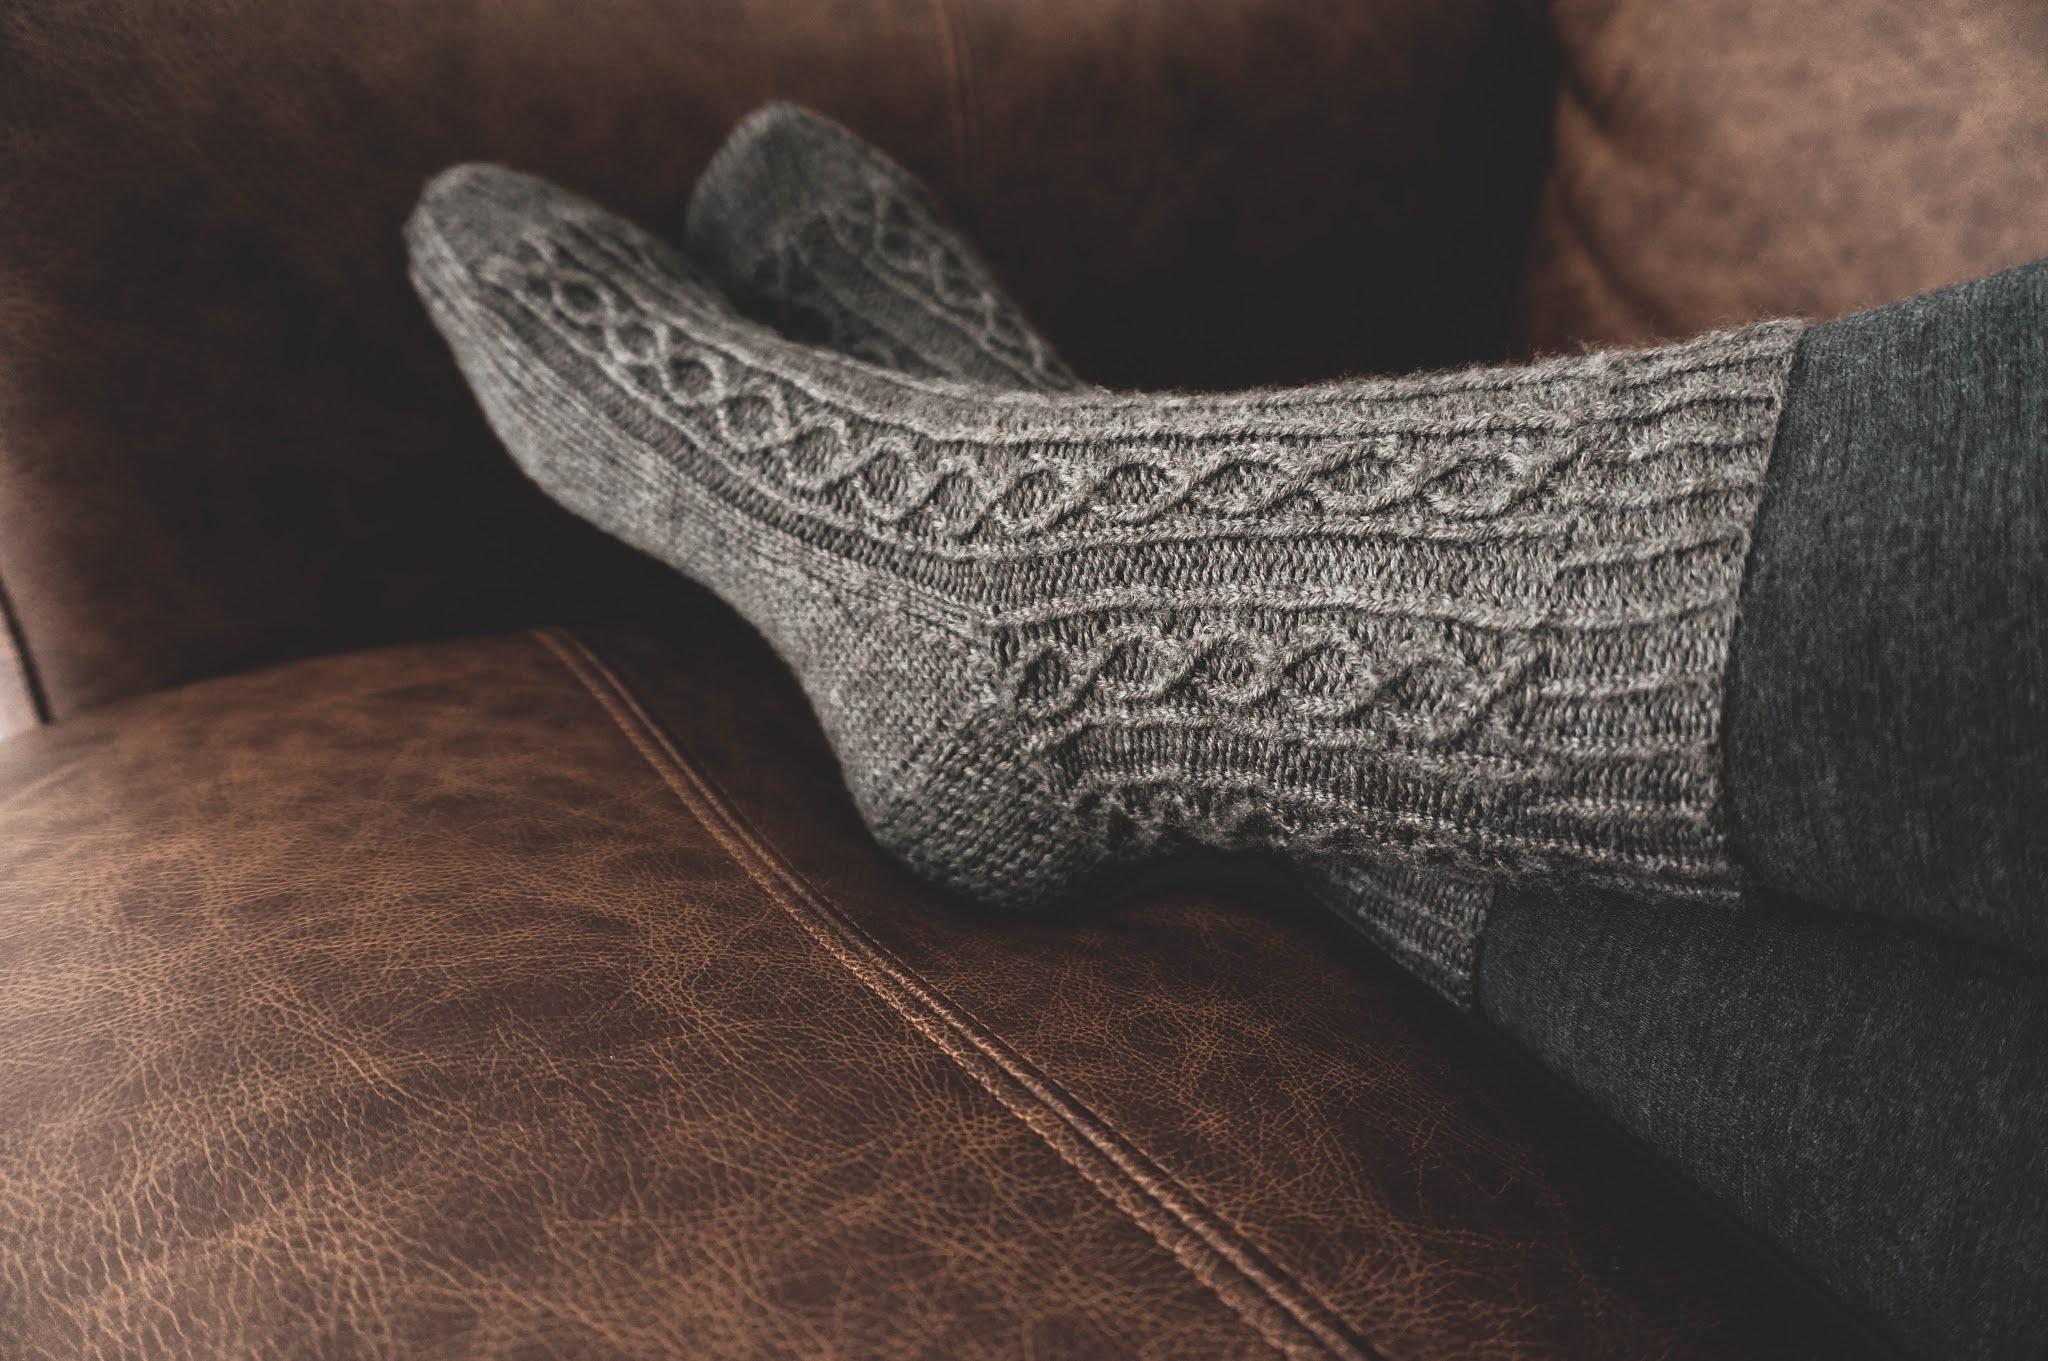 Fleetwood Socks knitting pattern by West Beach Knits